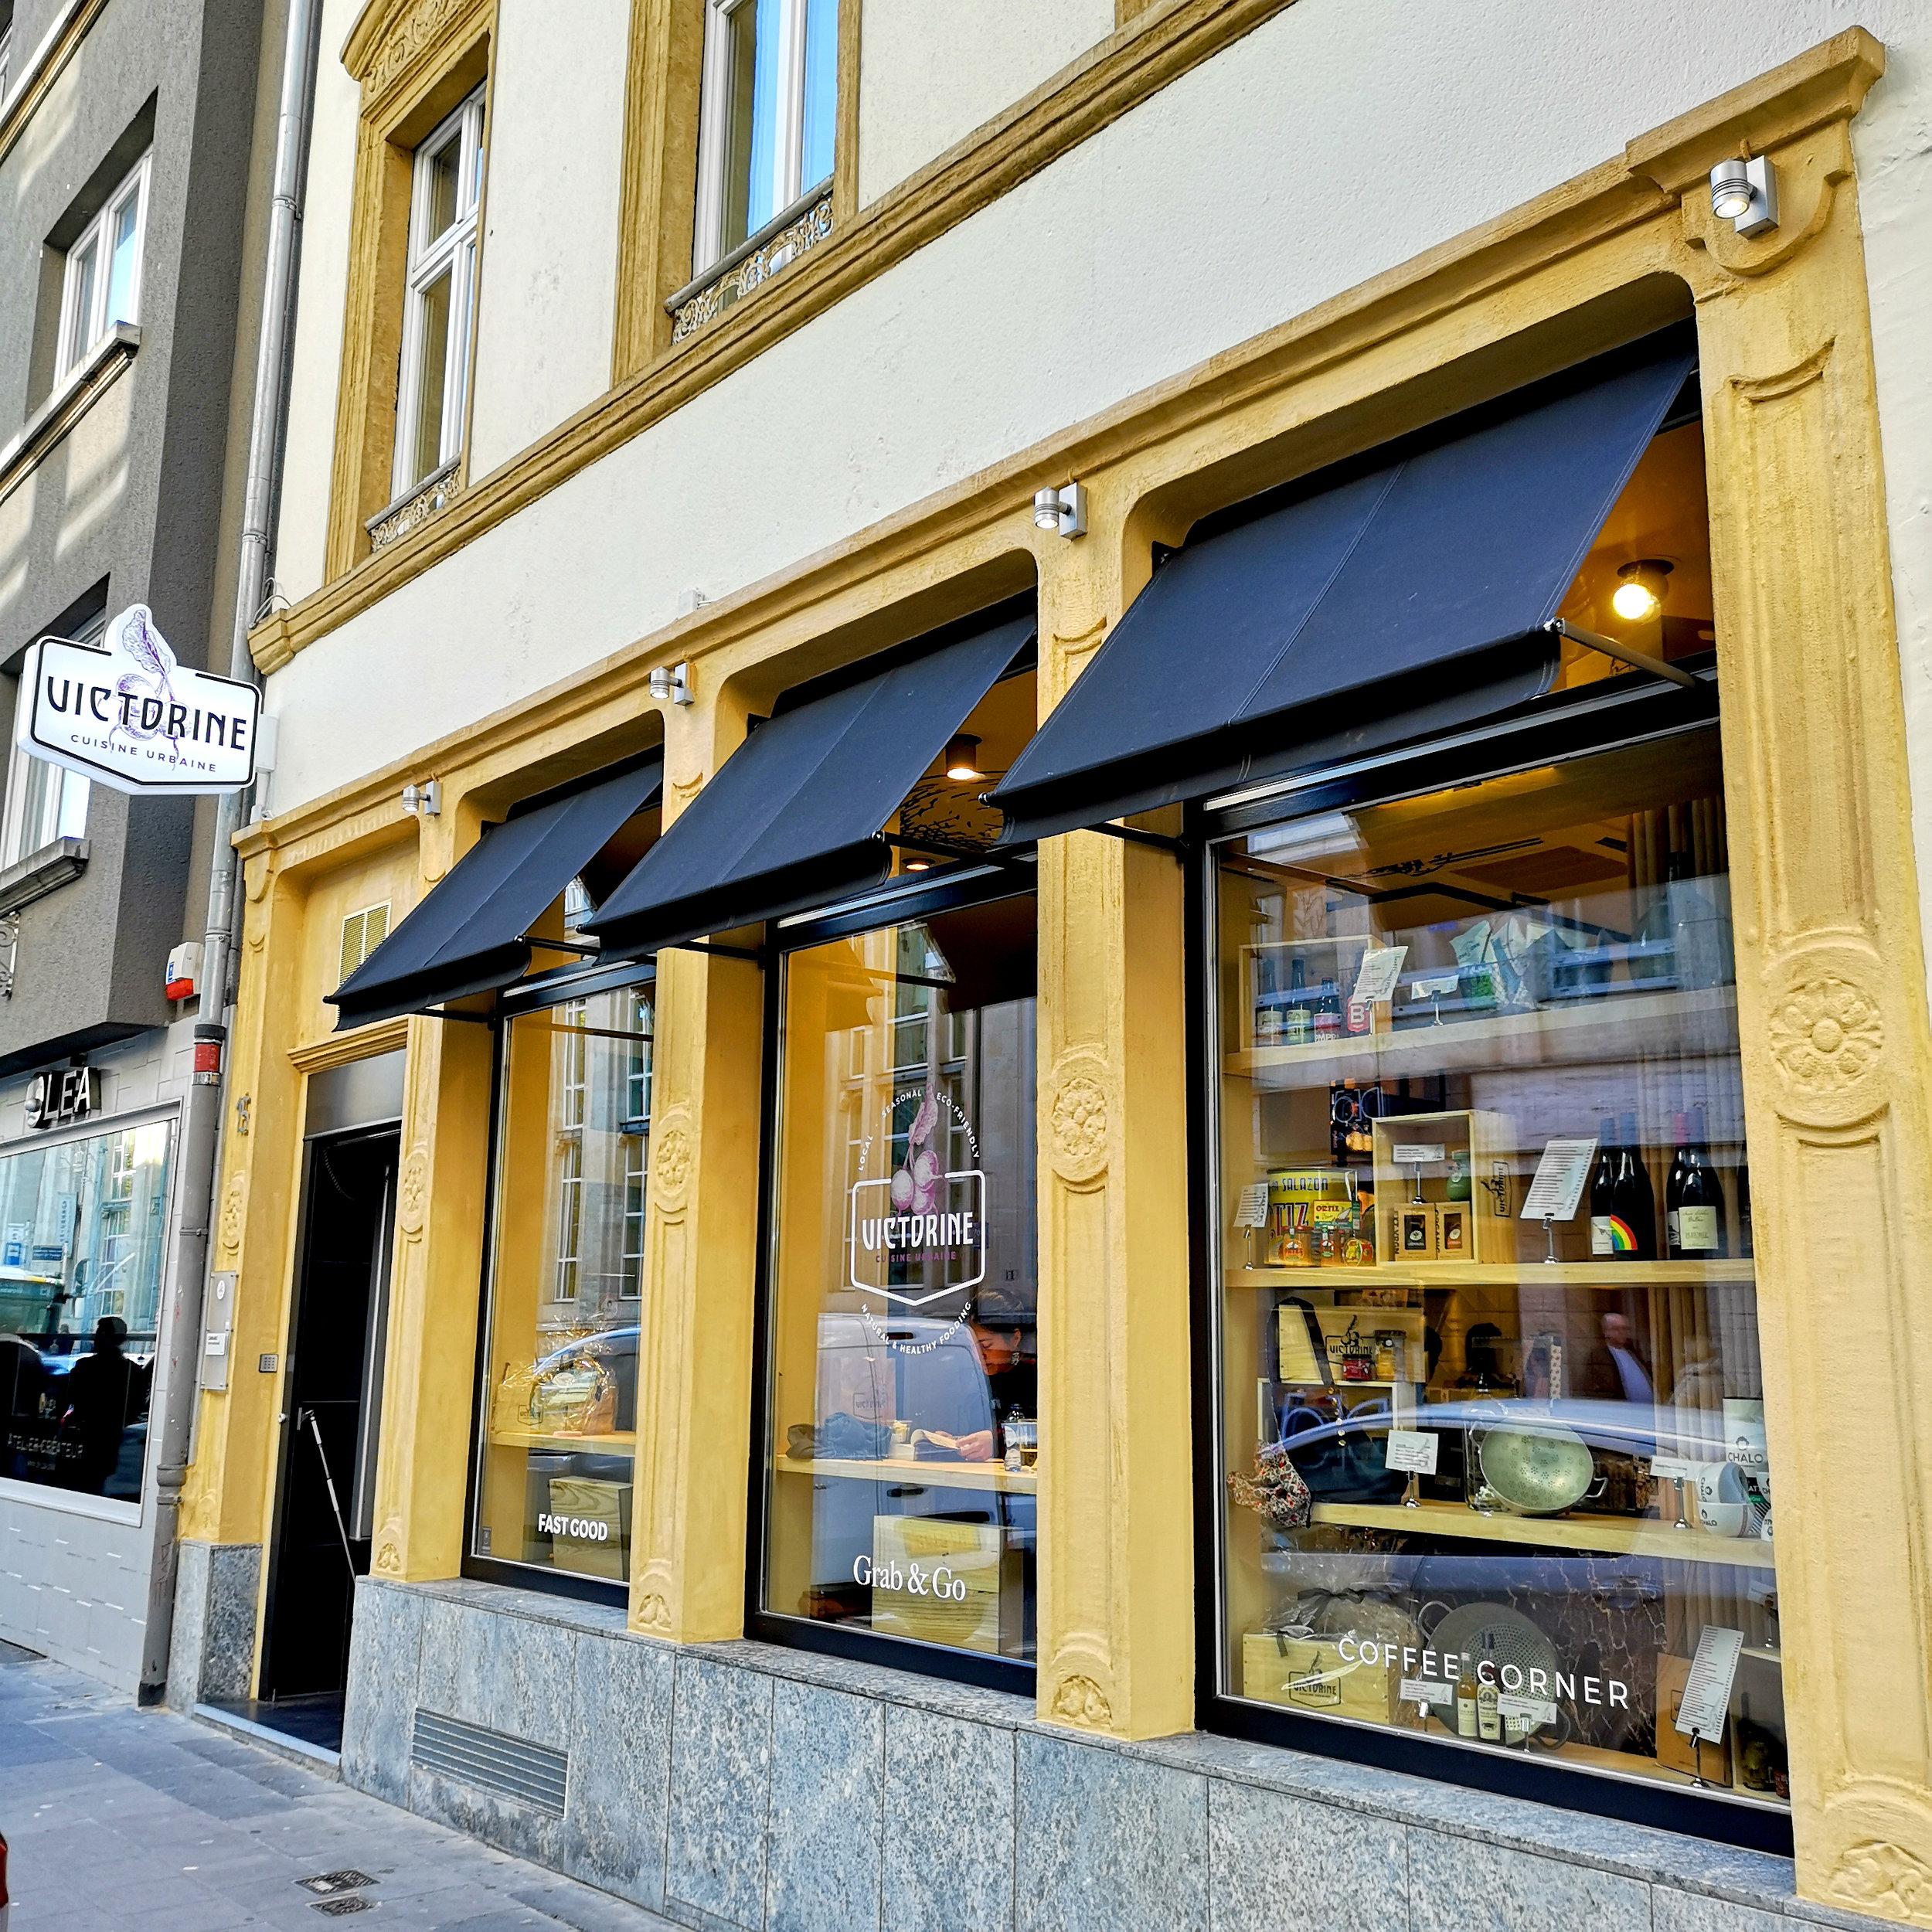 Victorine-facade.jpg